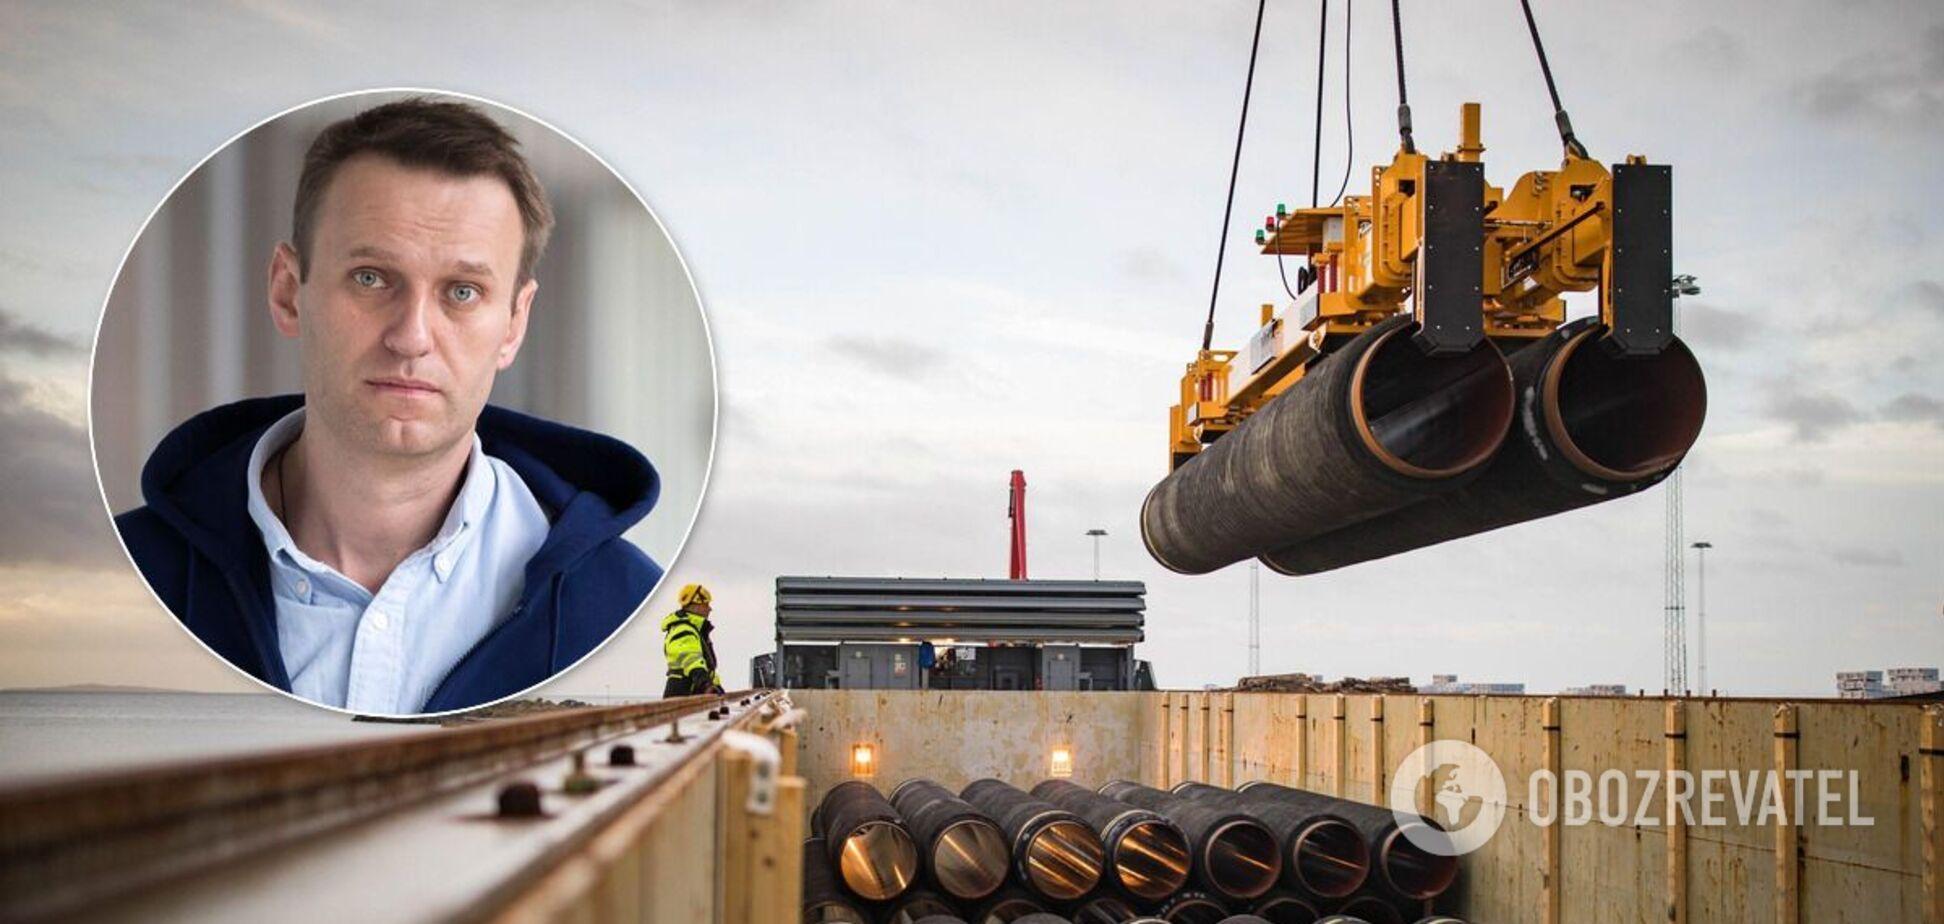 Немецкие политики изменили позицию по 'Северному потоку-2' из-за отравления Навального